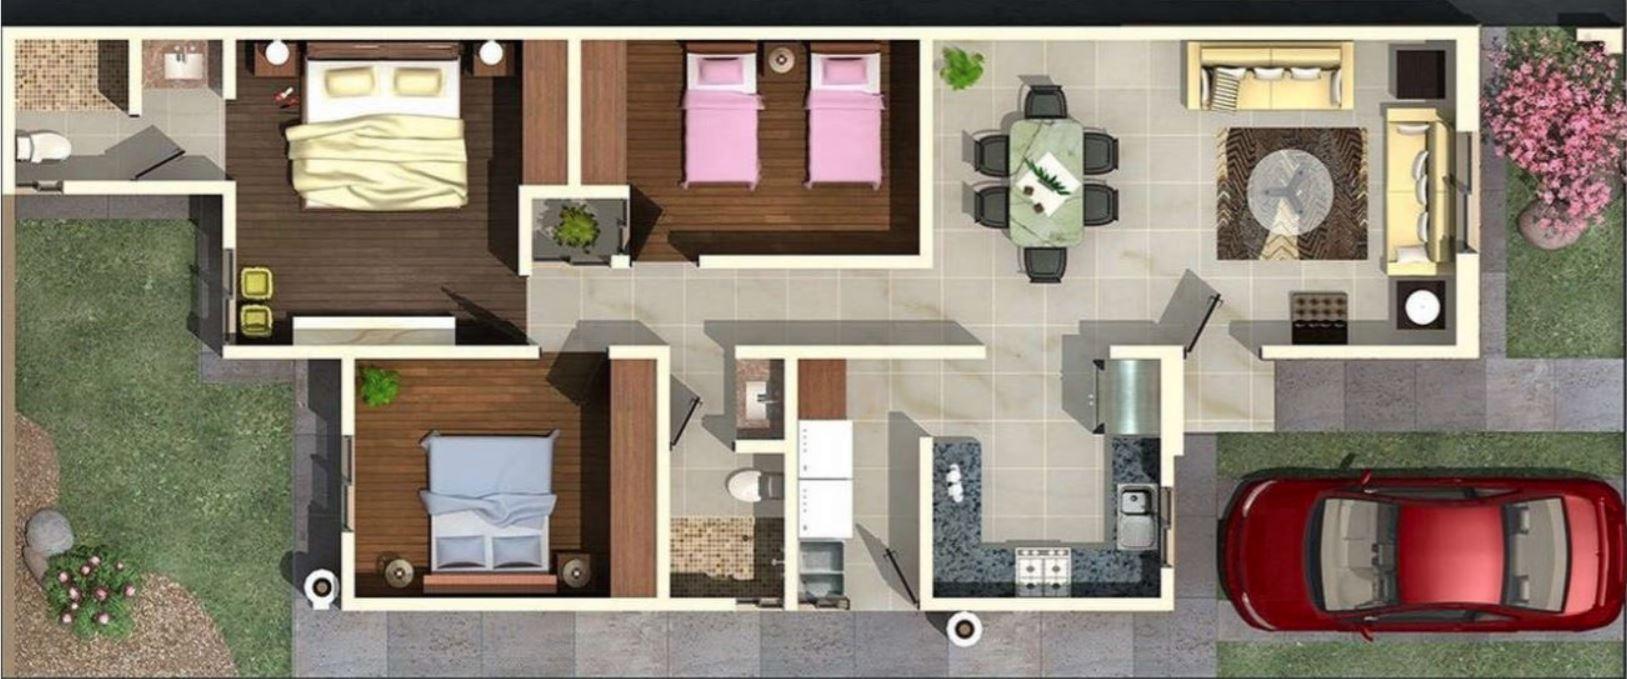 Planos y casas planos de casas plantas arquitect nicas for Planos de casas para construir de una planta